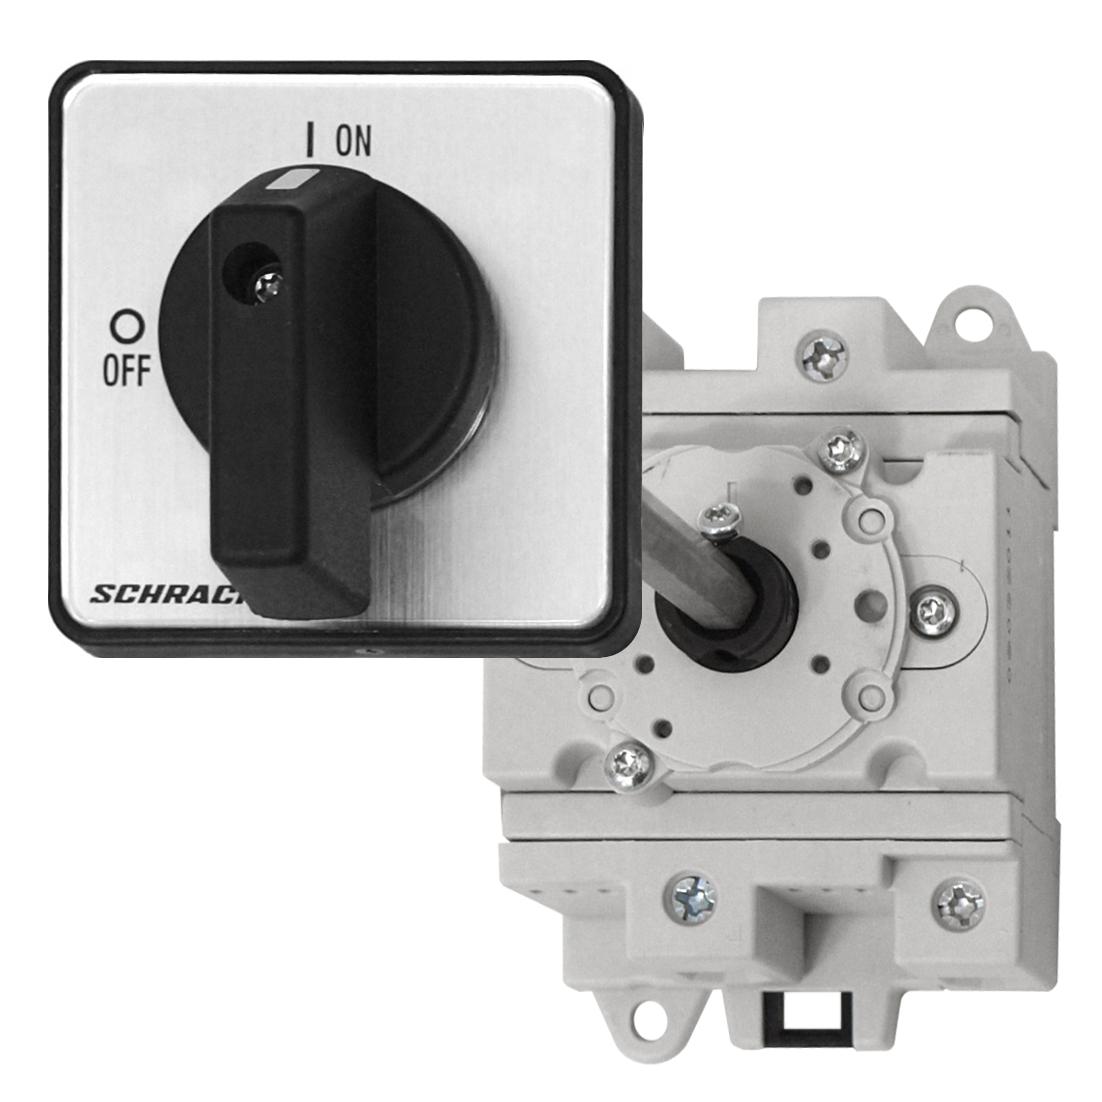 1 Stk Hauptschalter 2 pol. 32A, 600VDC, Bodenbef., Türkupplung ZBV IN7C0204--